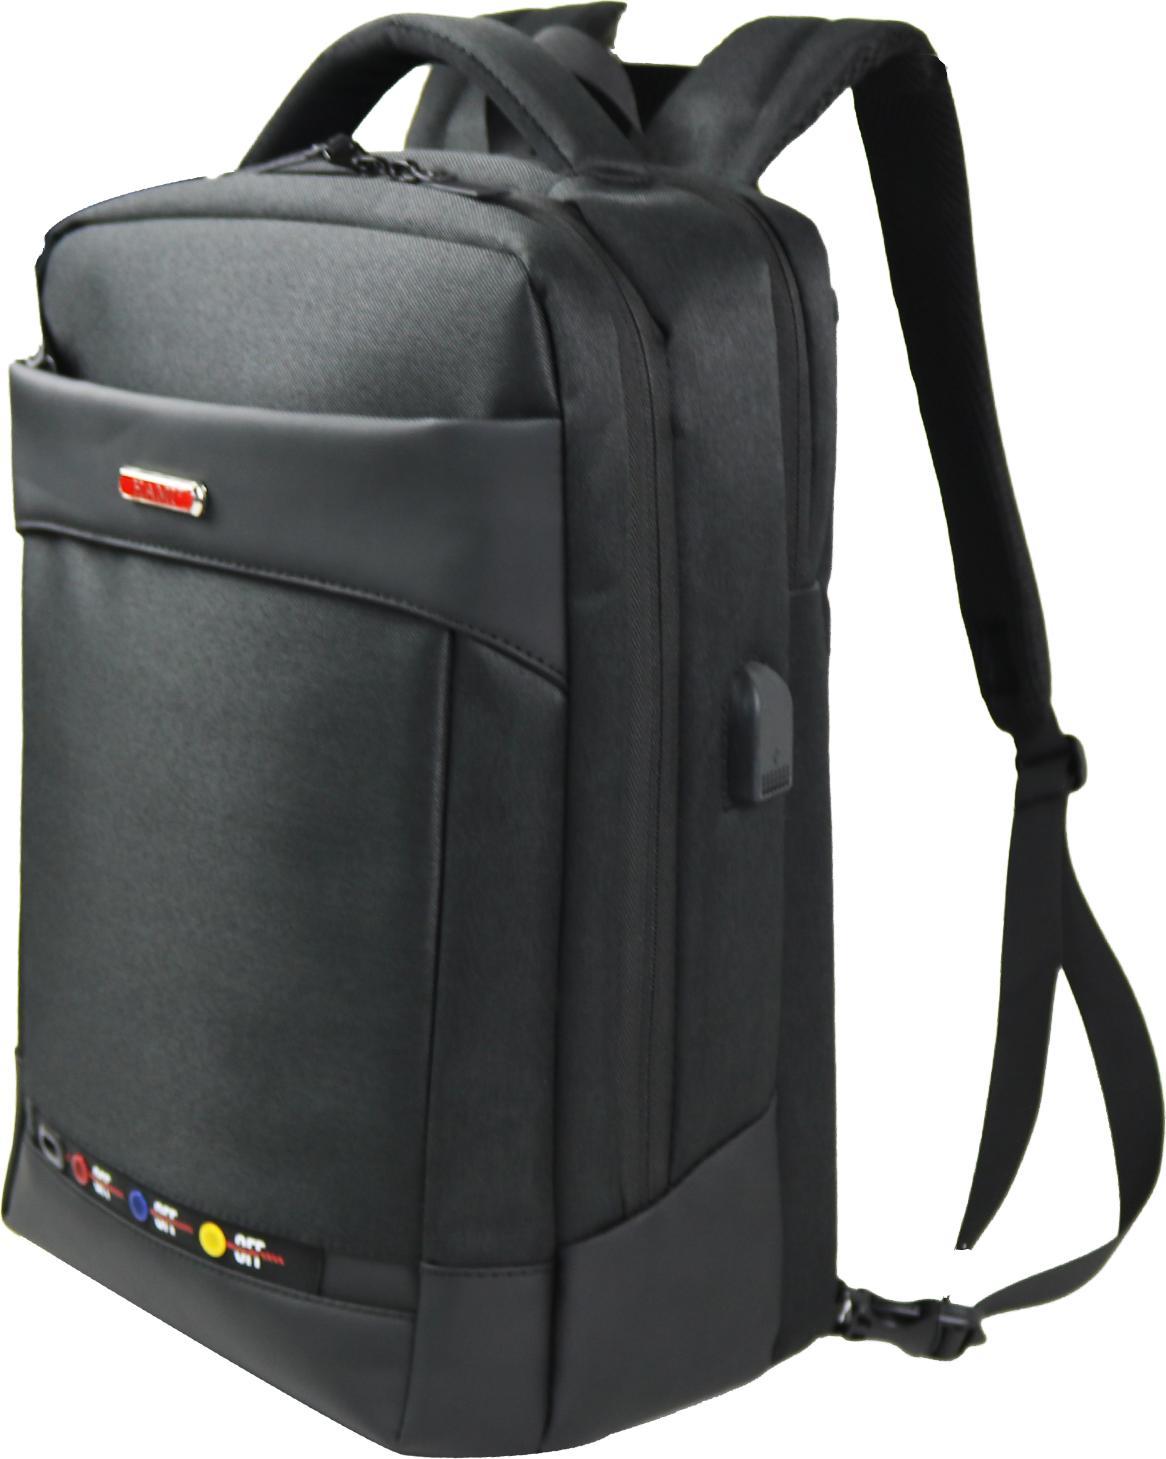 Balo laptop HAMI BVT572.D - hàng chính hãng